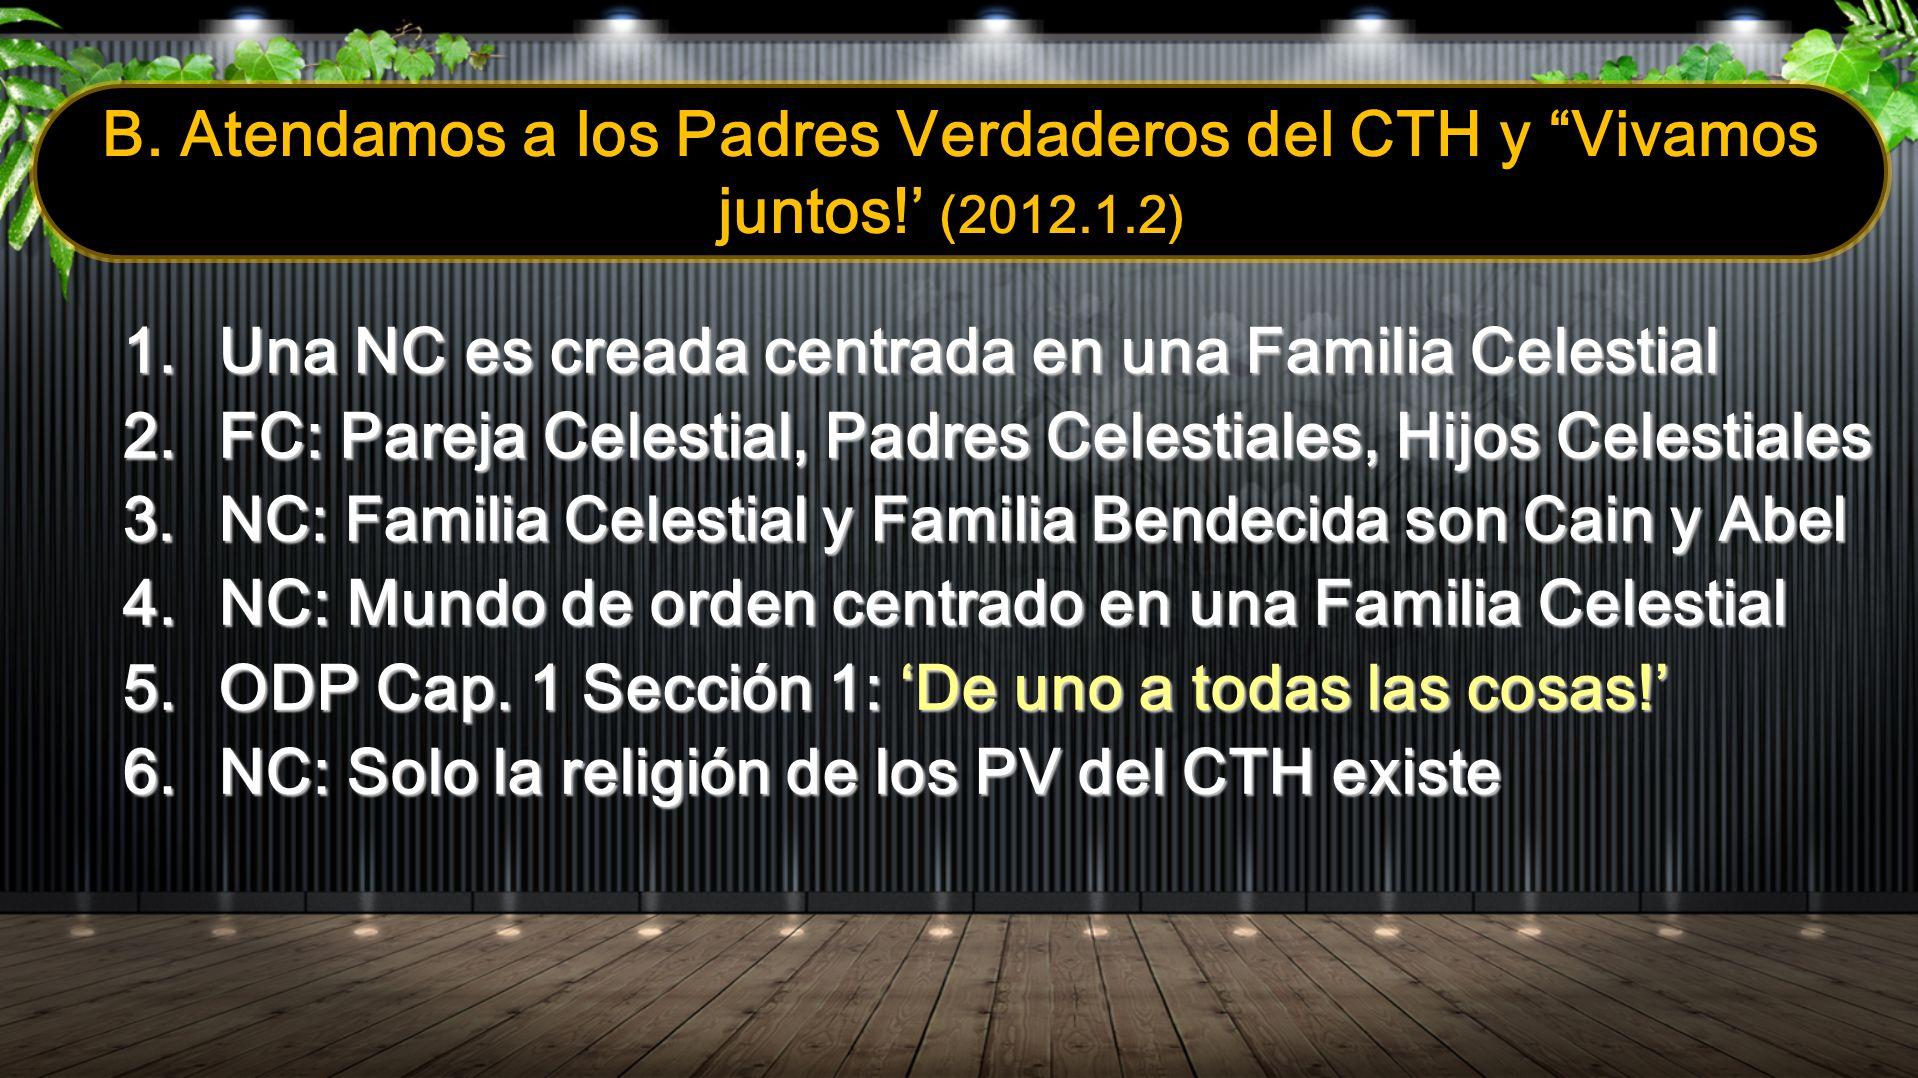 Una NC es creada centrada en una Familia Celestial